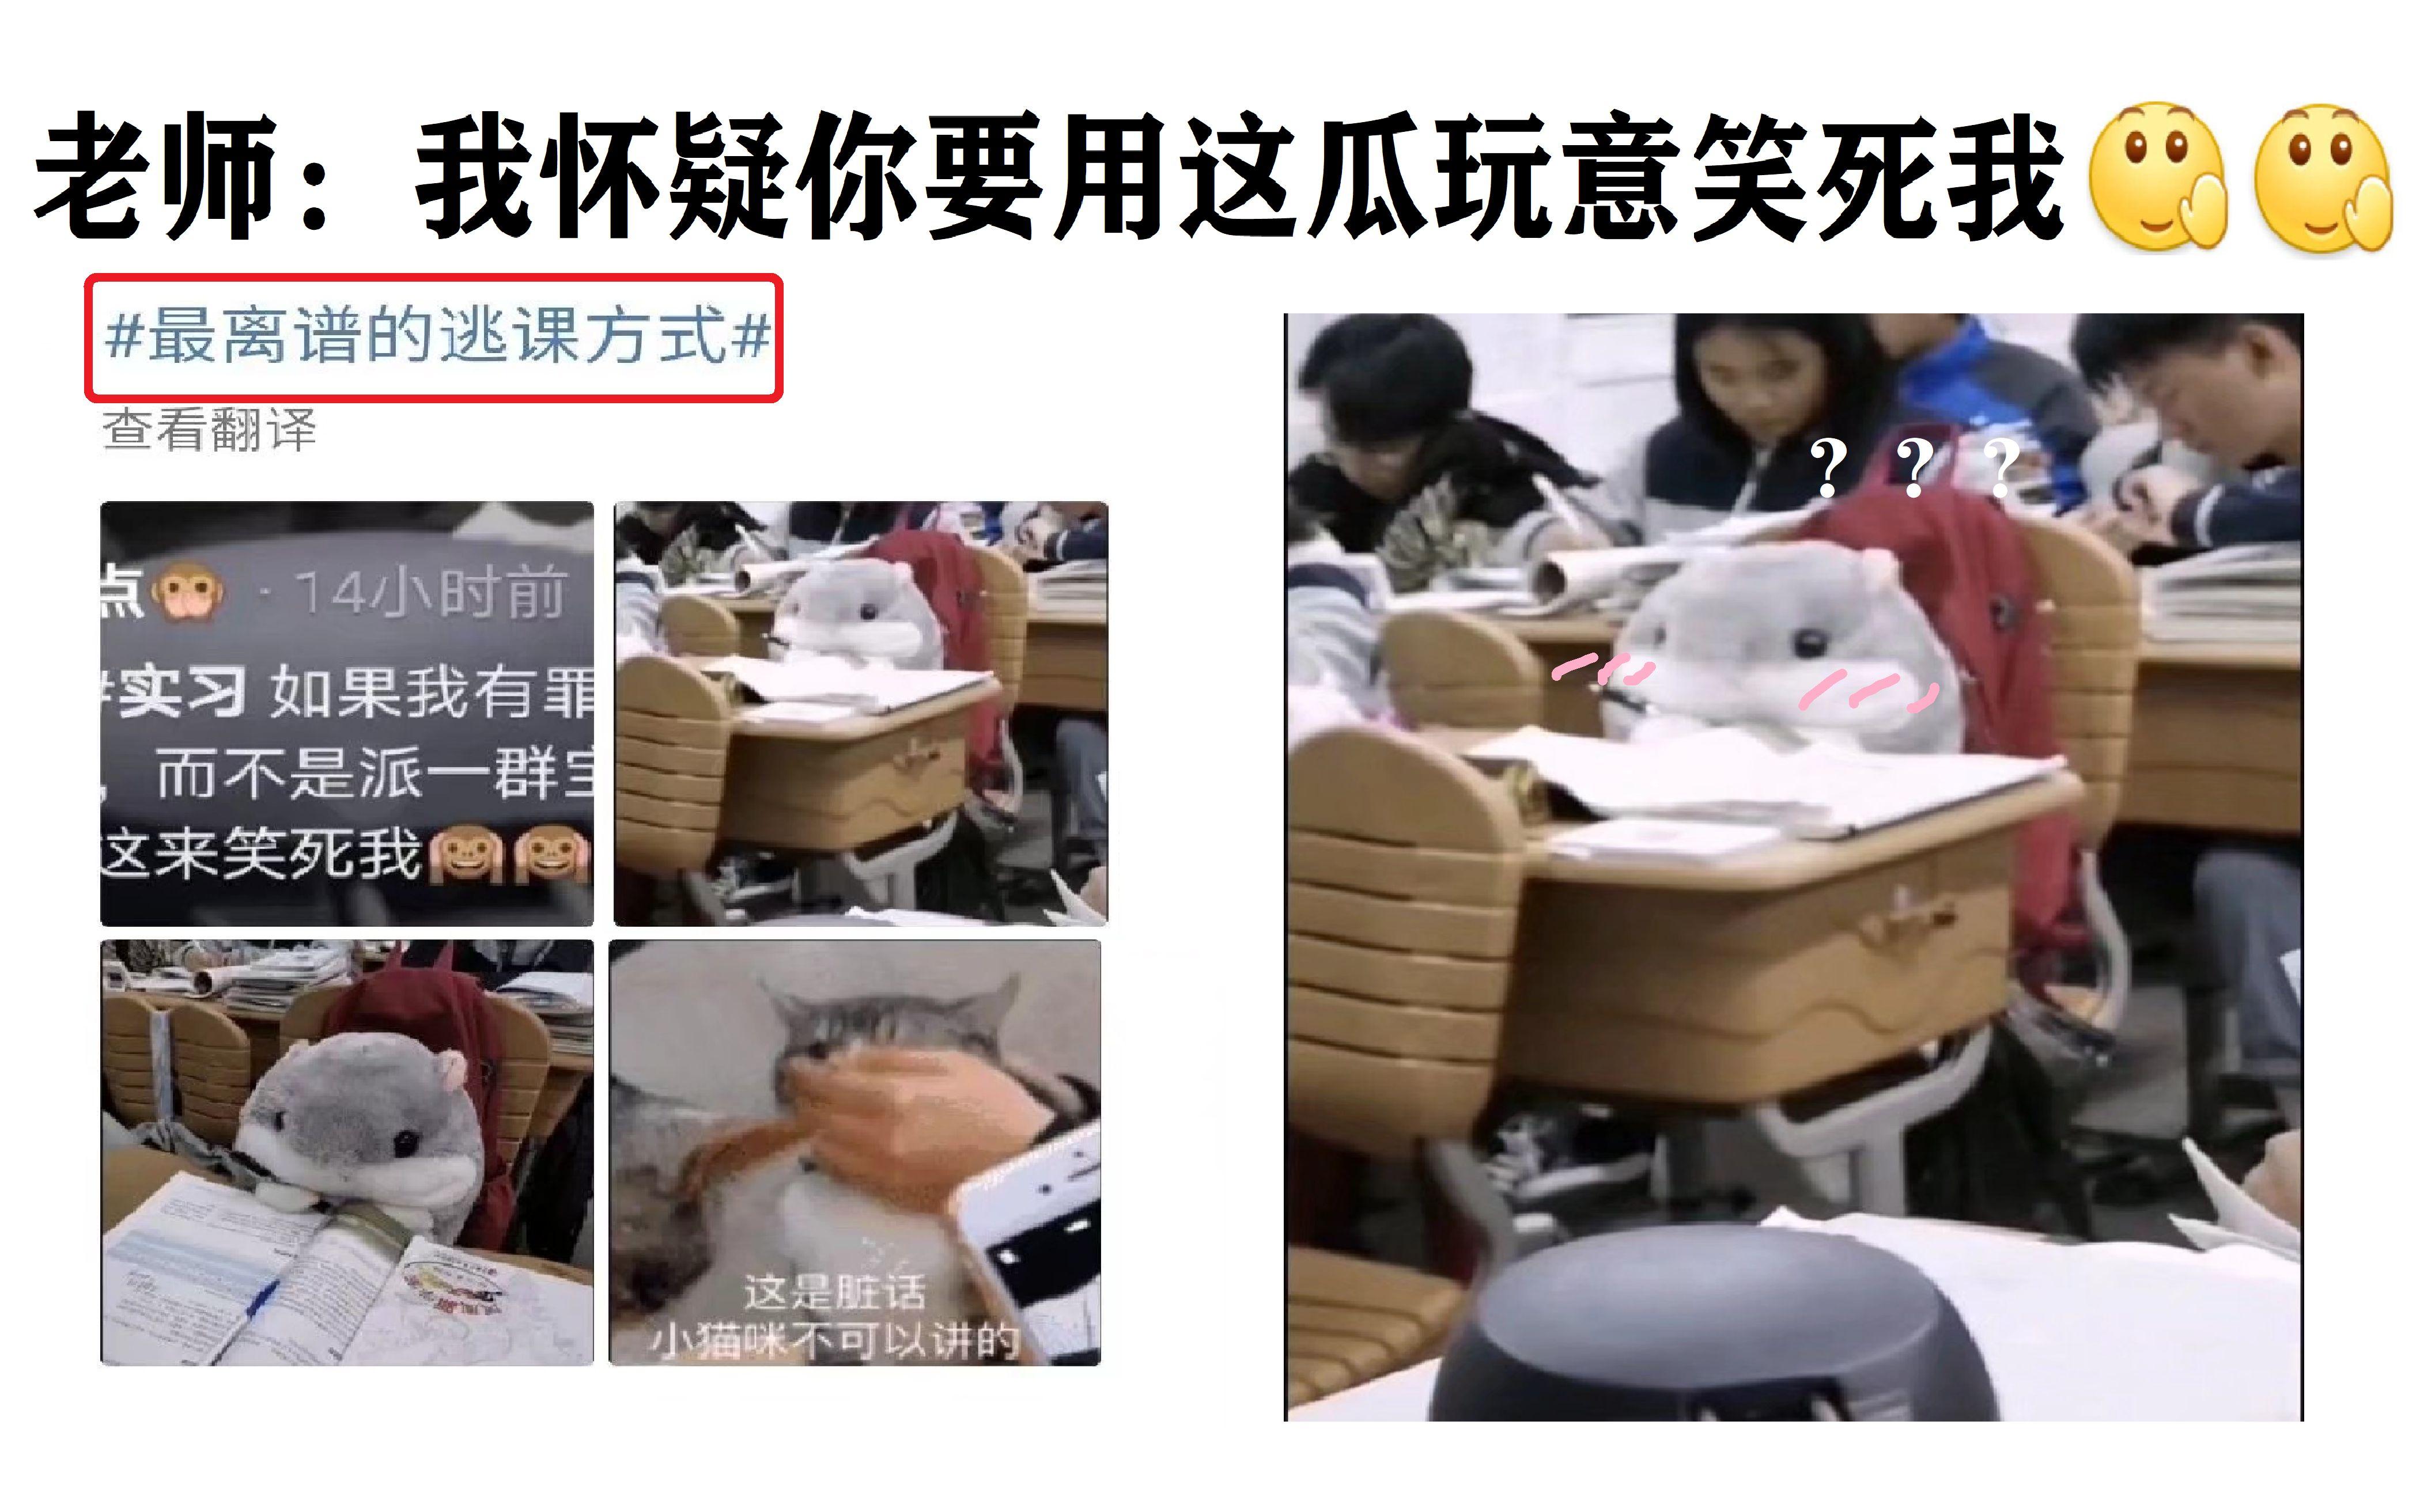 老师: 如果我有罪, 请不要用这瓜玩意笑死我(`・ω・´)(爆笑的沙雕图合集)